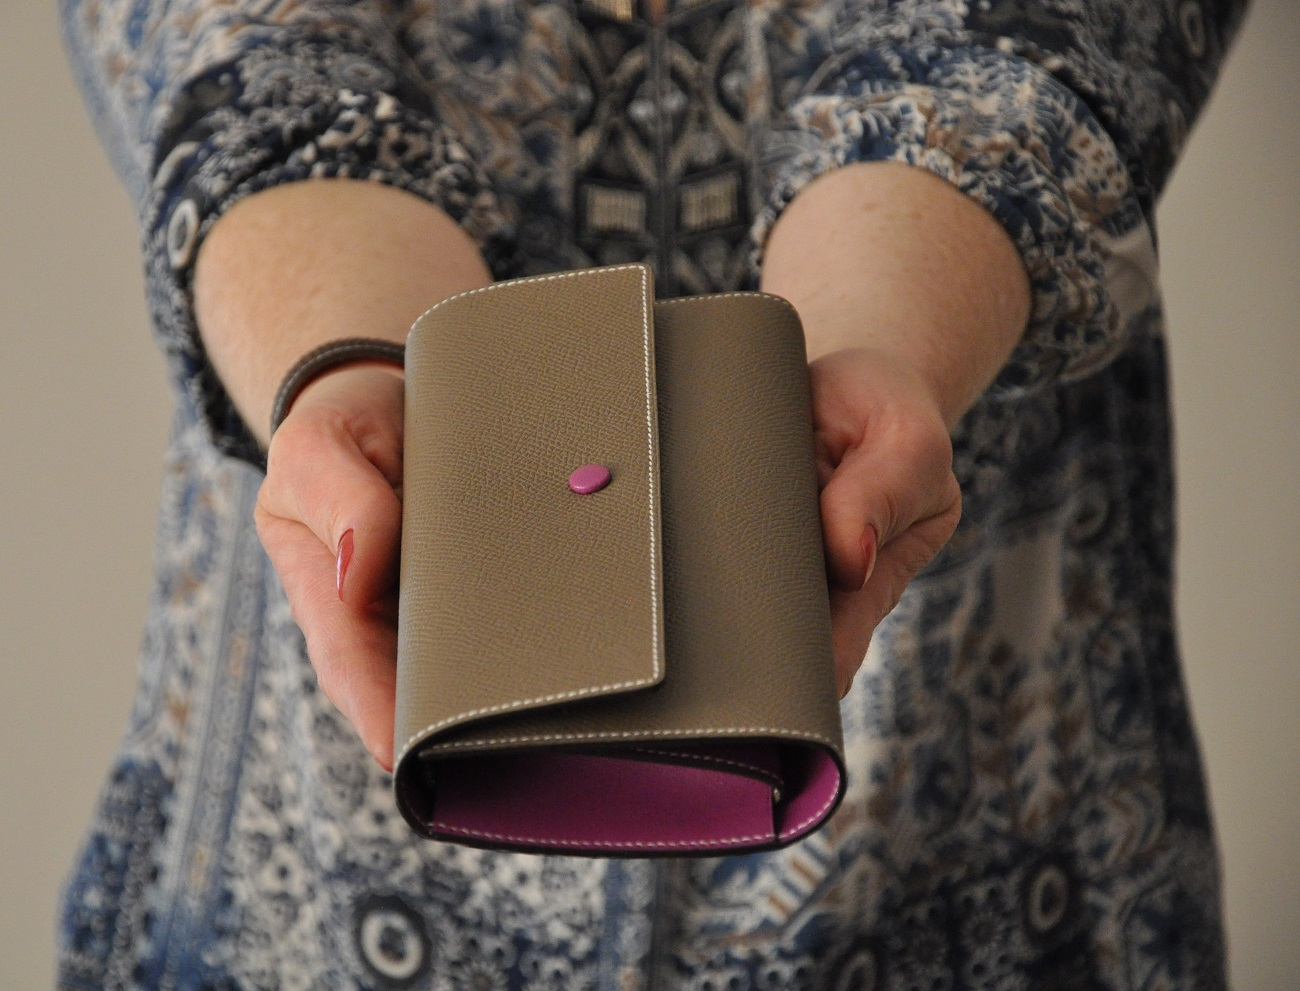 Le portefeuille l'Indispensable est incontournable pour tous les jours, il possède tous les papiers utiles, les cartes bleues, le porte-monnaie. Création Philippe LE NOËN en veau grainé. Fabrication Française.